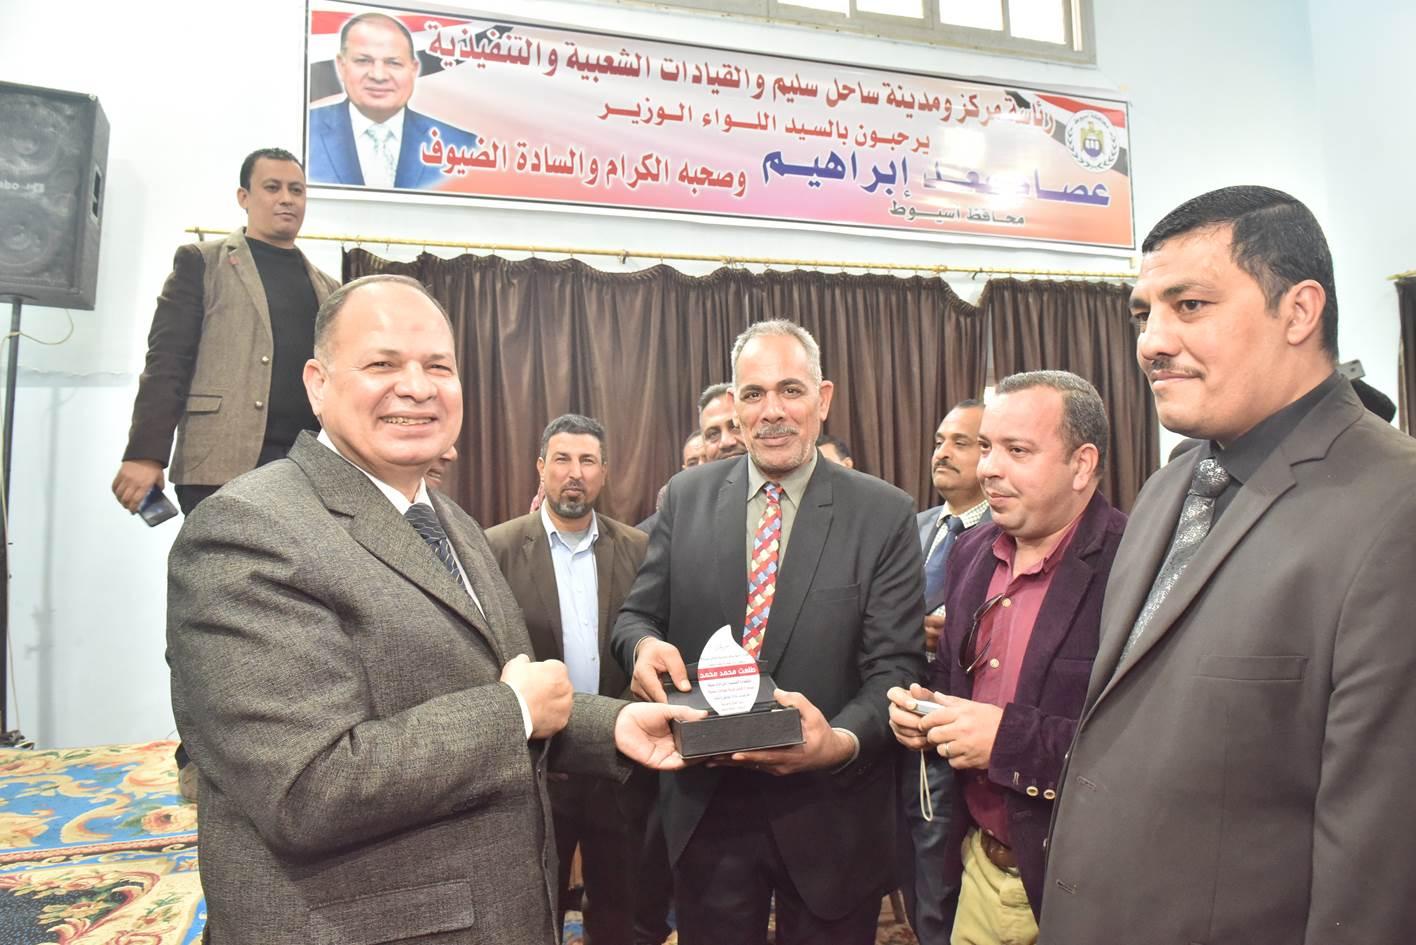 احتفالية مسابقة أجمل قرية بساحل سليم  (5)